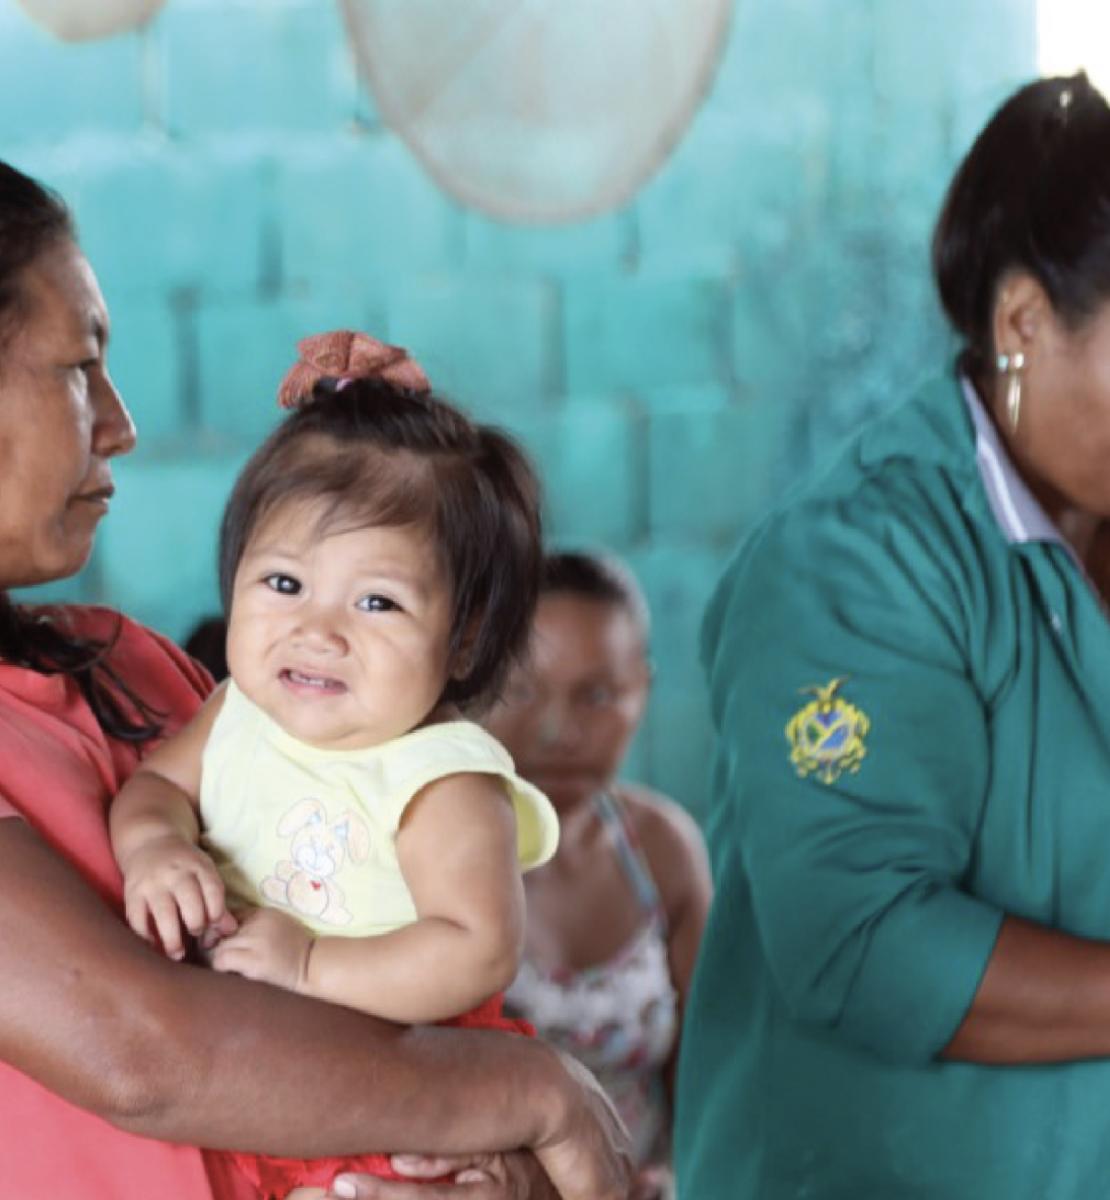 Une femme autochtone tient une petite fille dans les bras, à gauche de l'image, en attendant d'être soignée par une agente de santé dont on voit qu'elle prépare son matériel à droite de l'image. La femme autochtone regarde en direction de l'agente de santé tandis que sa fille regarde la caméra le visage grimaçant.